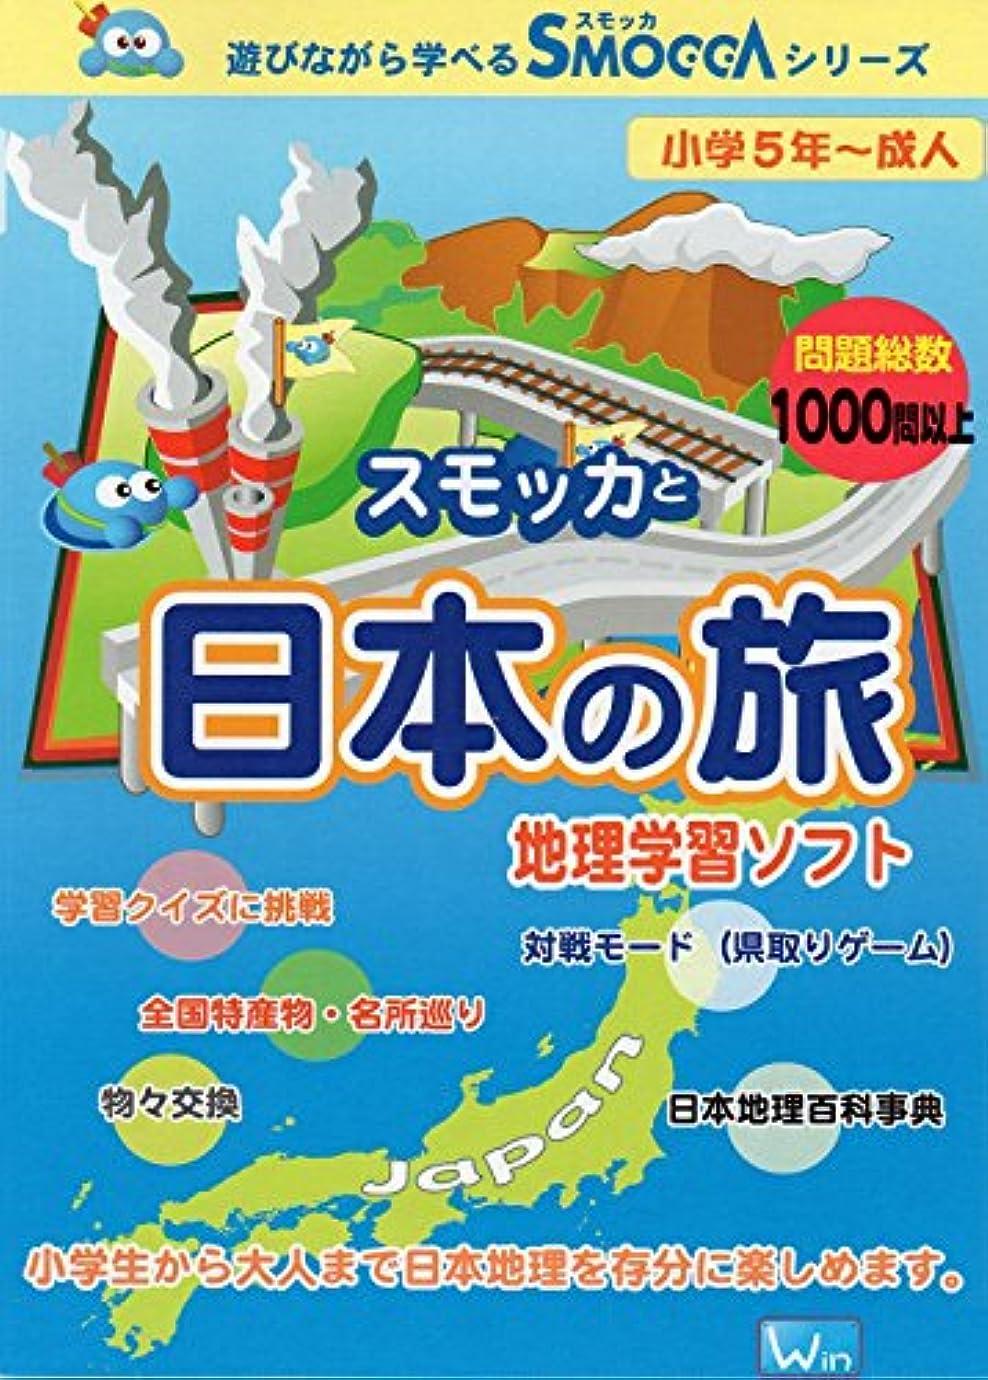 グラスフォークソーダ水スモッカと日本の旅|ダウンロード版